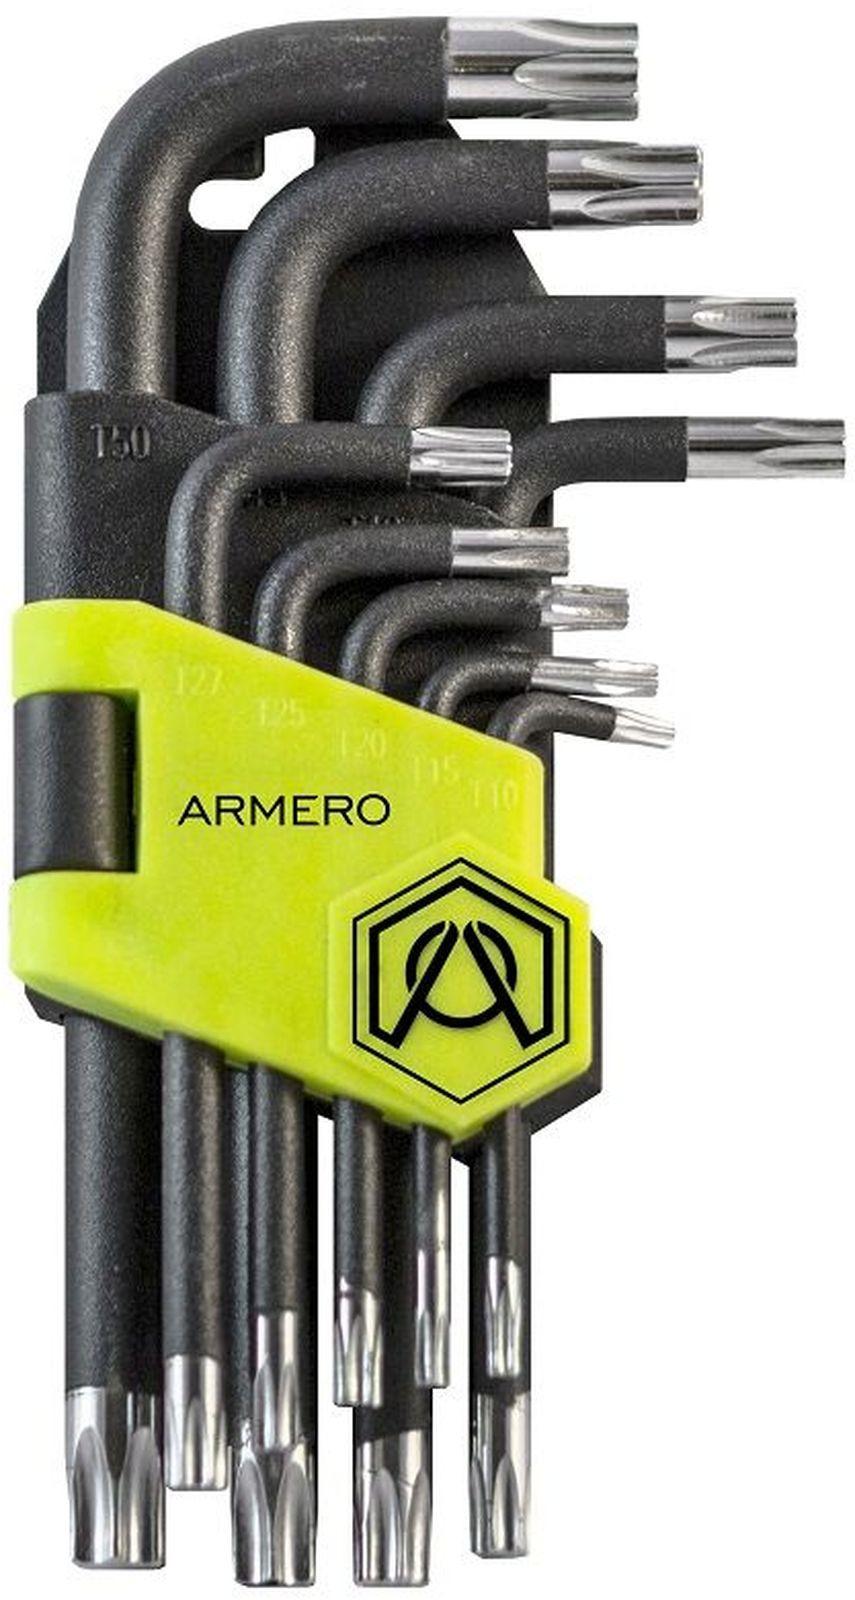 Набор ключей Armero Torx, CrV, длинные, 9 шт ключ torx t27 угловой aist 154227tt